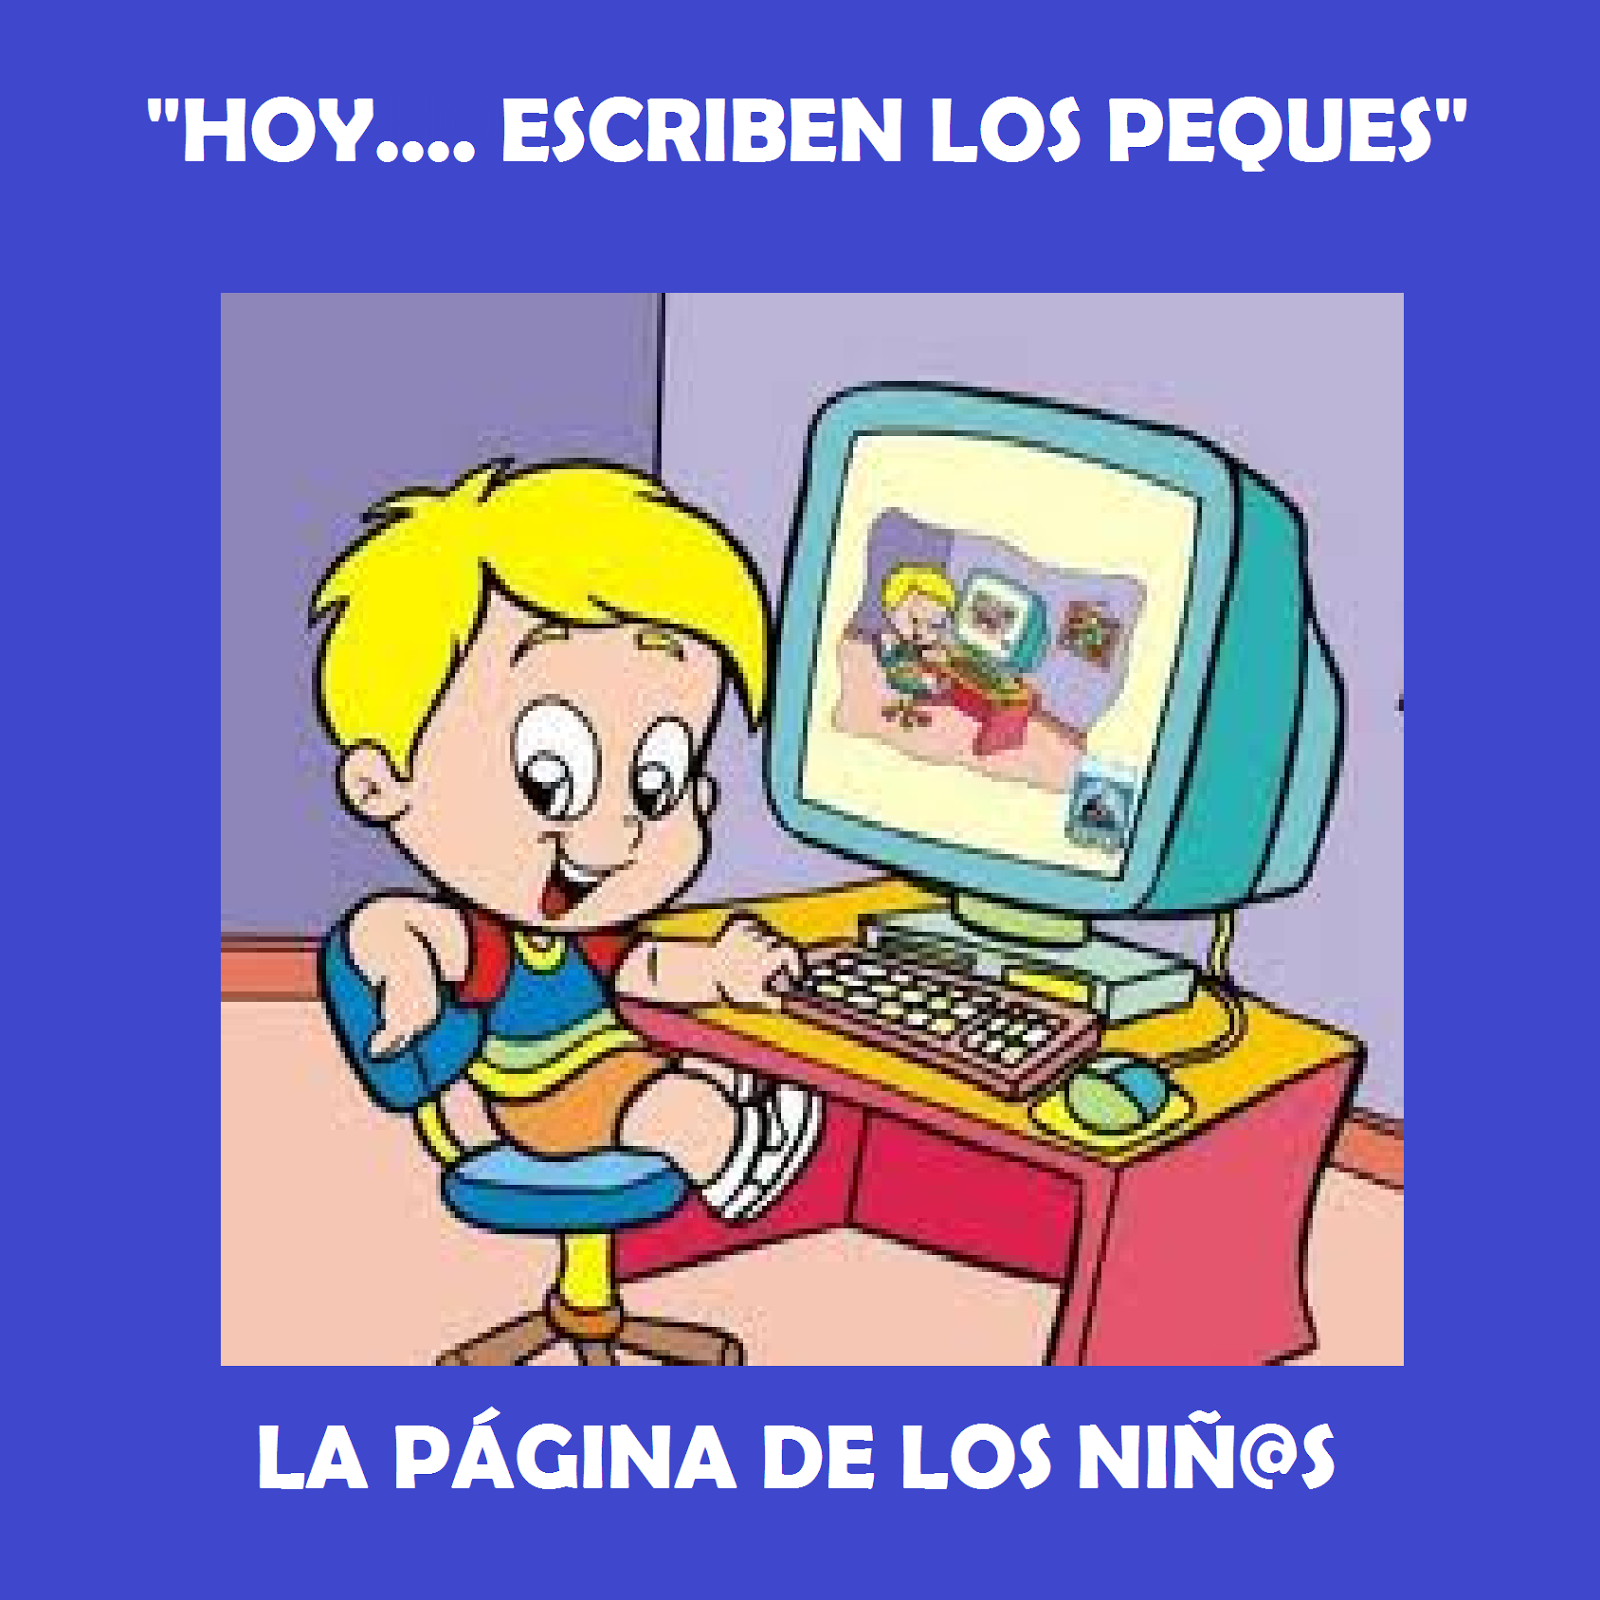 http://elrincondeinfantiljuancarlos1.blogspot.com.es/p/hoyescriben-los-peques.html